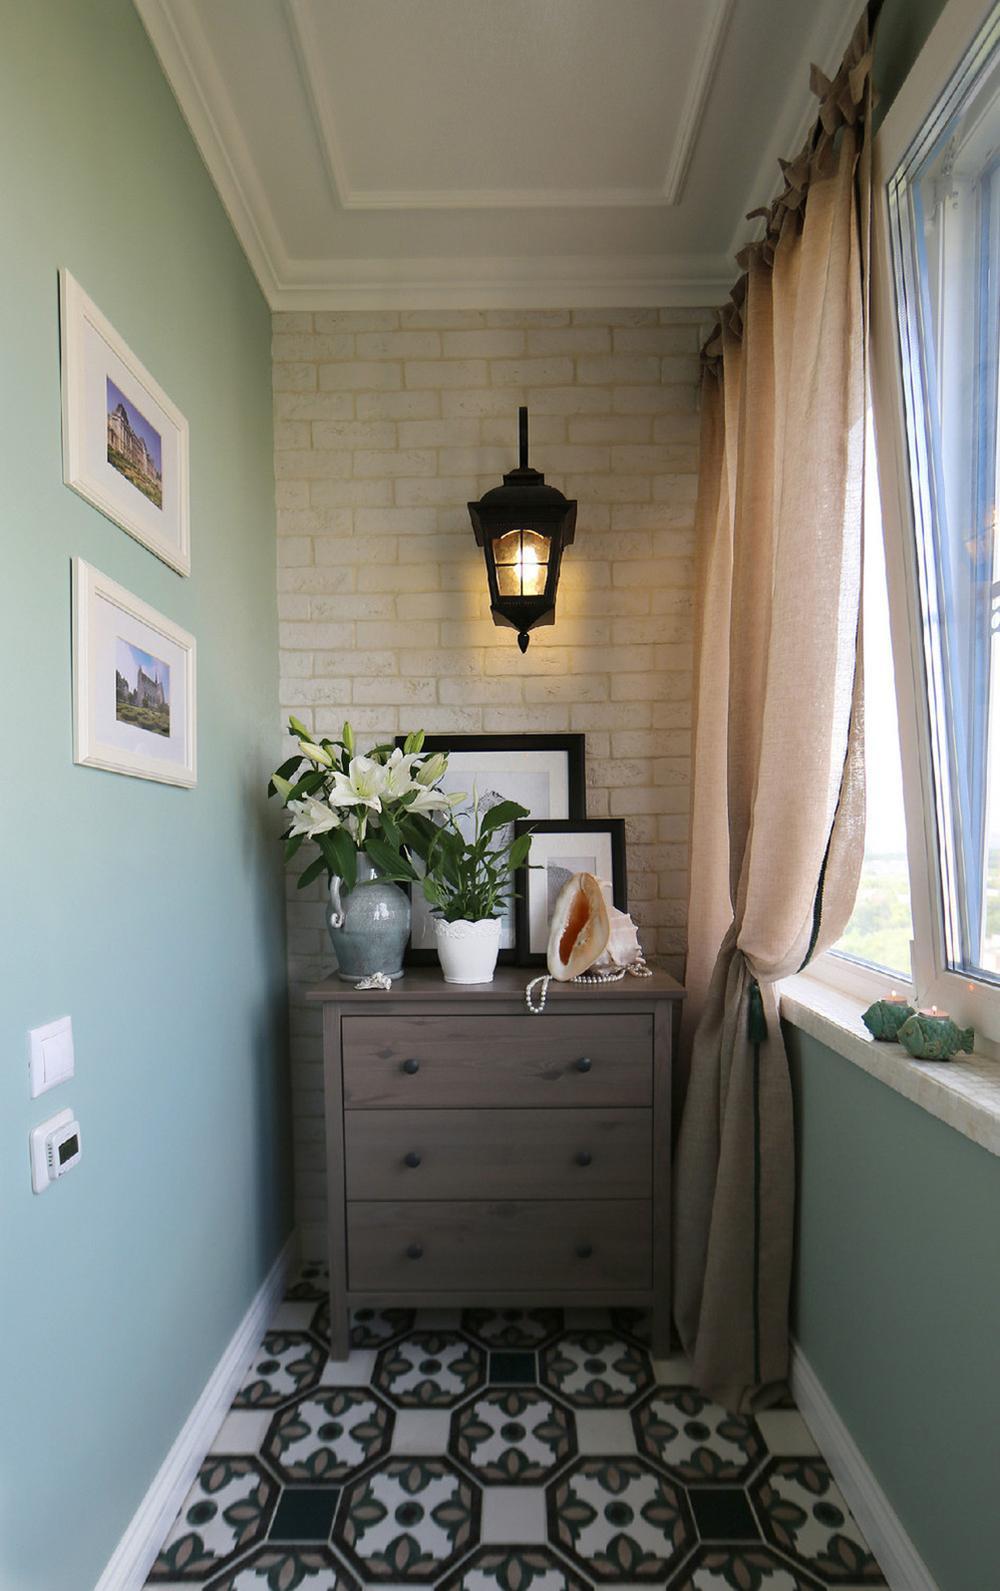 Освещение балкона с помощью настенной лампы